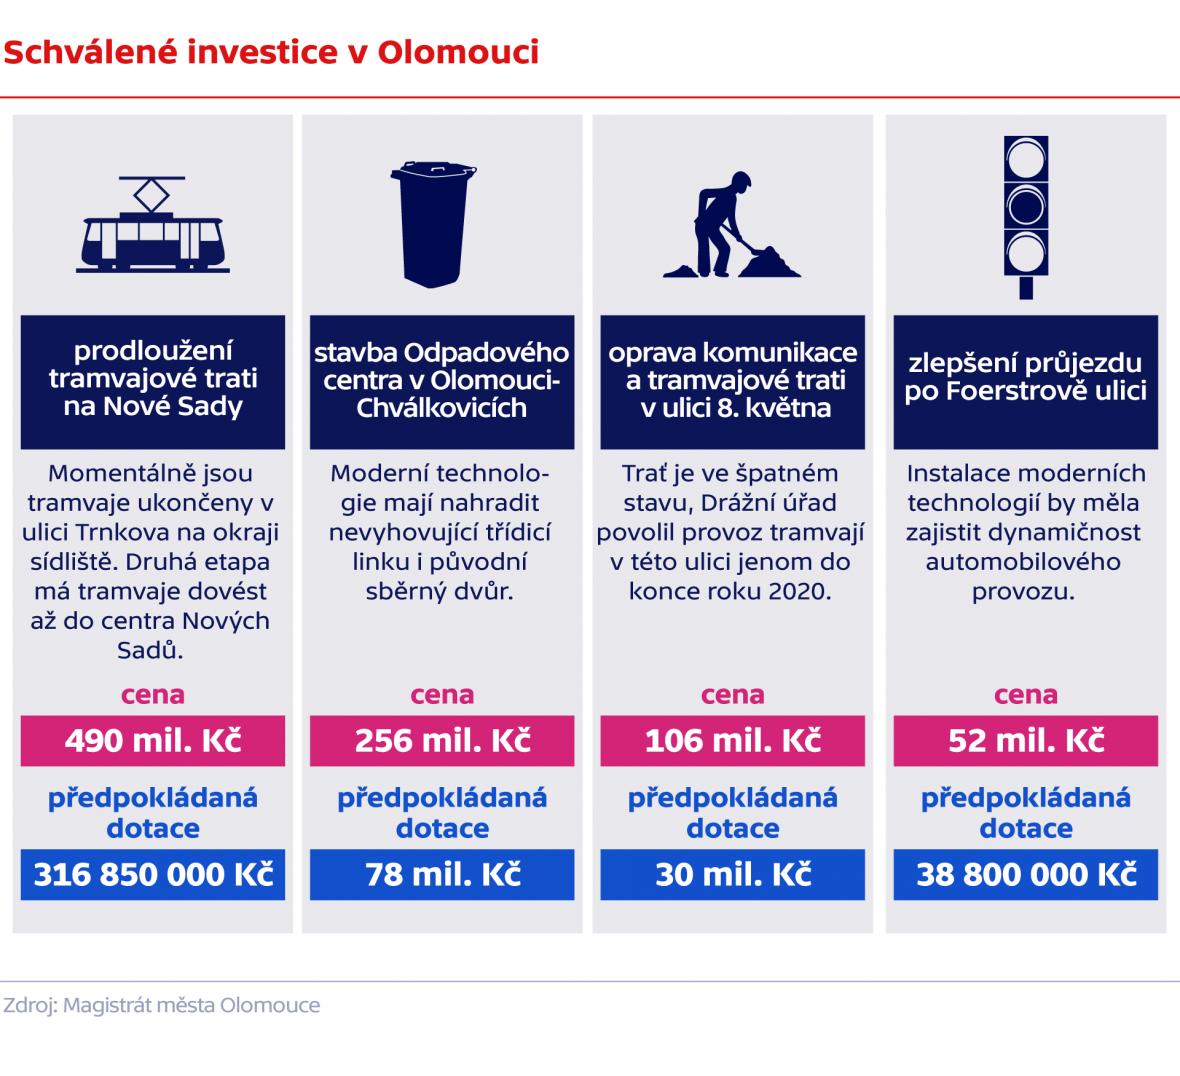 Schválené investice v Olomouci